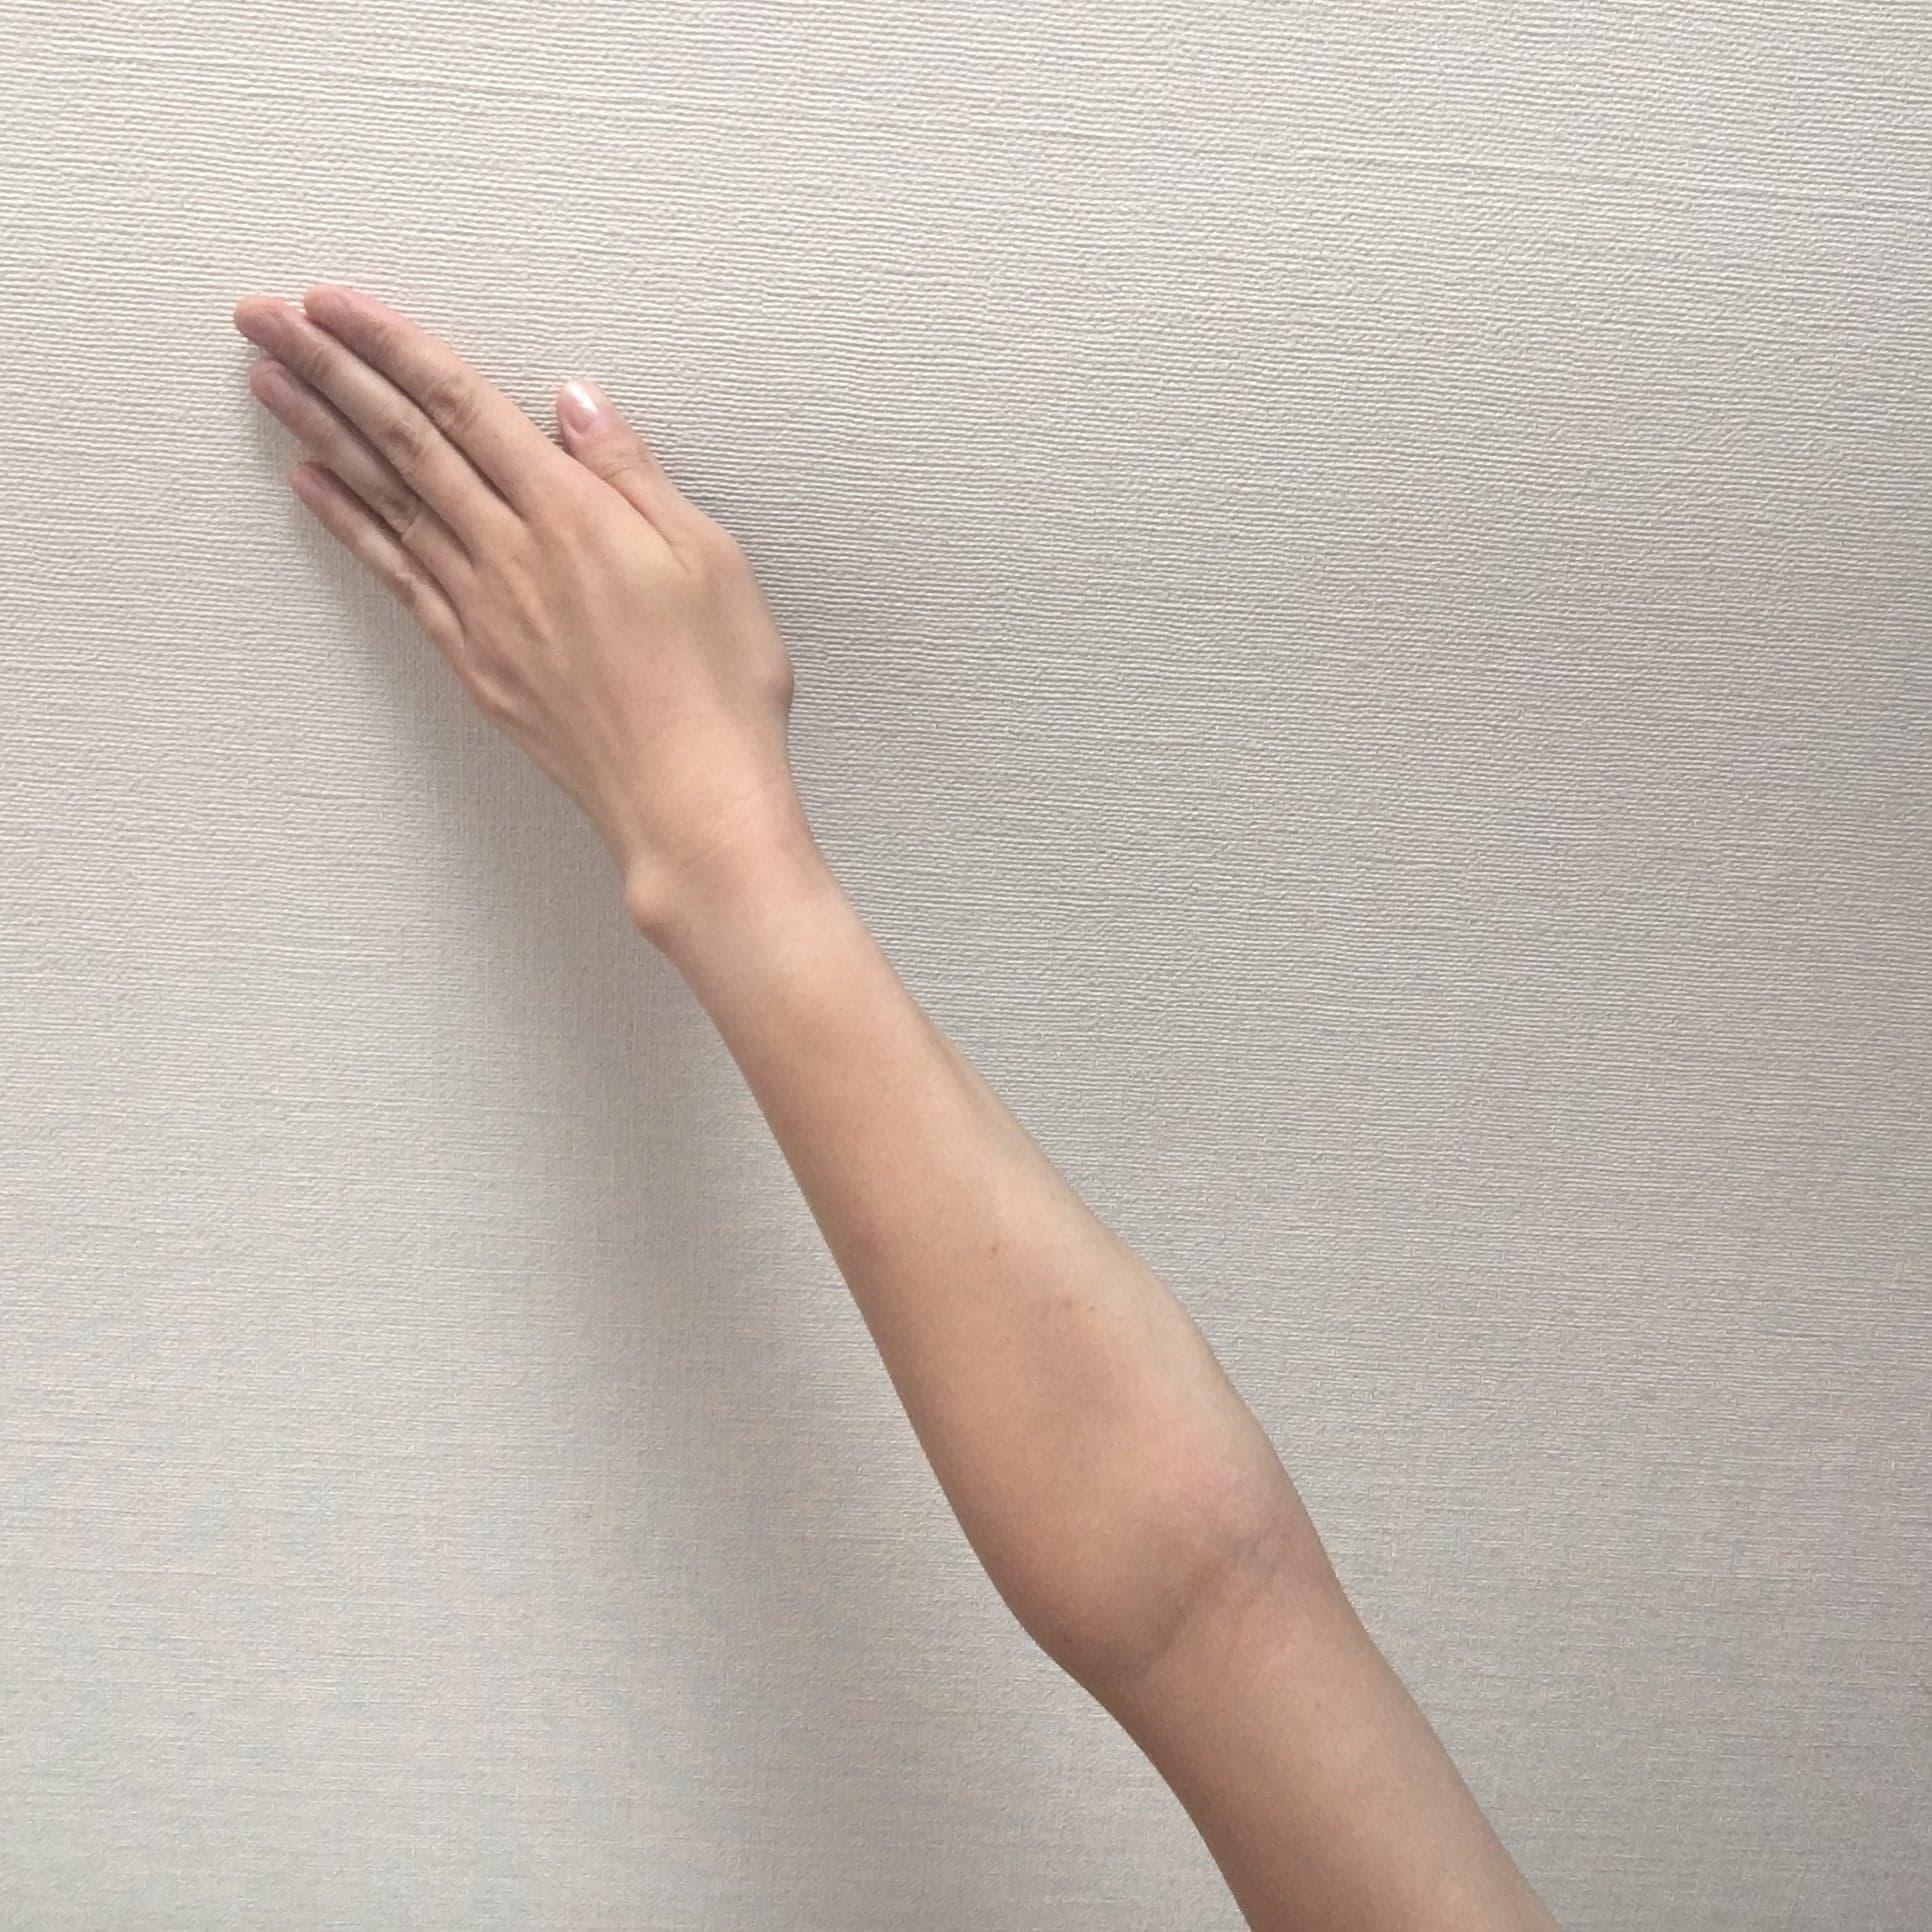 【シルク糸による糸で脱毛】シルク糸エステ オプショナルコース 肘下【お得な現金払い専用チケット】のイメージその2